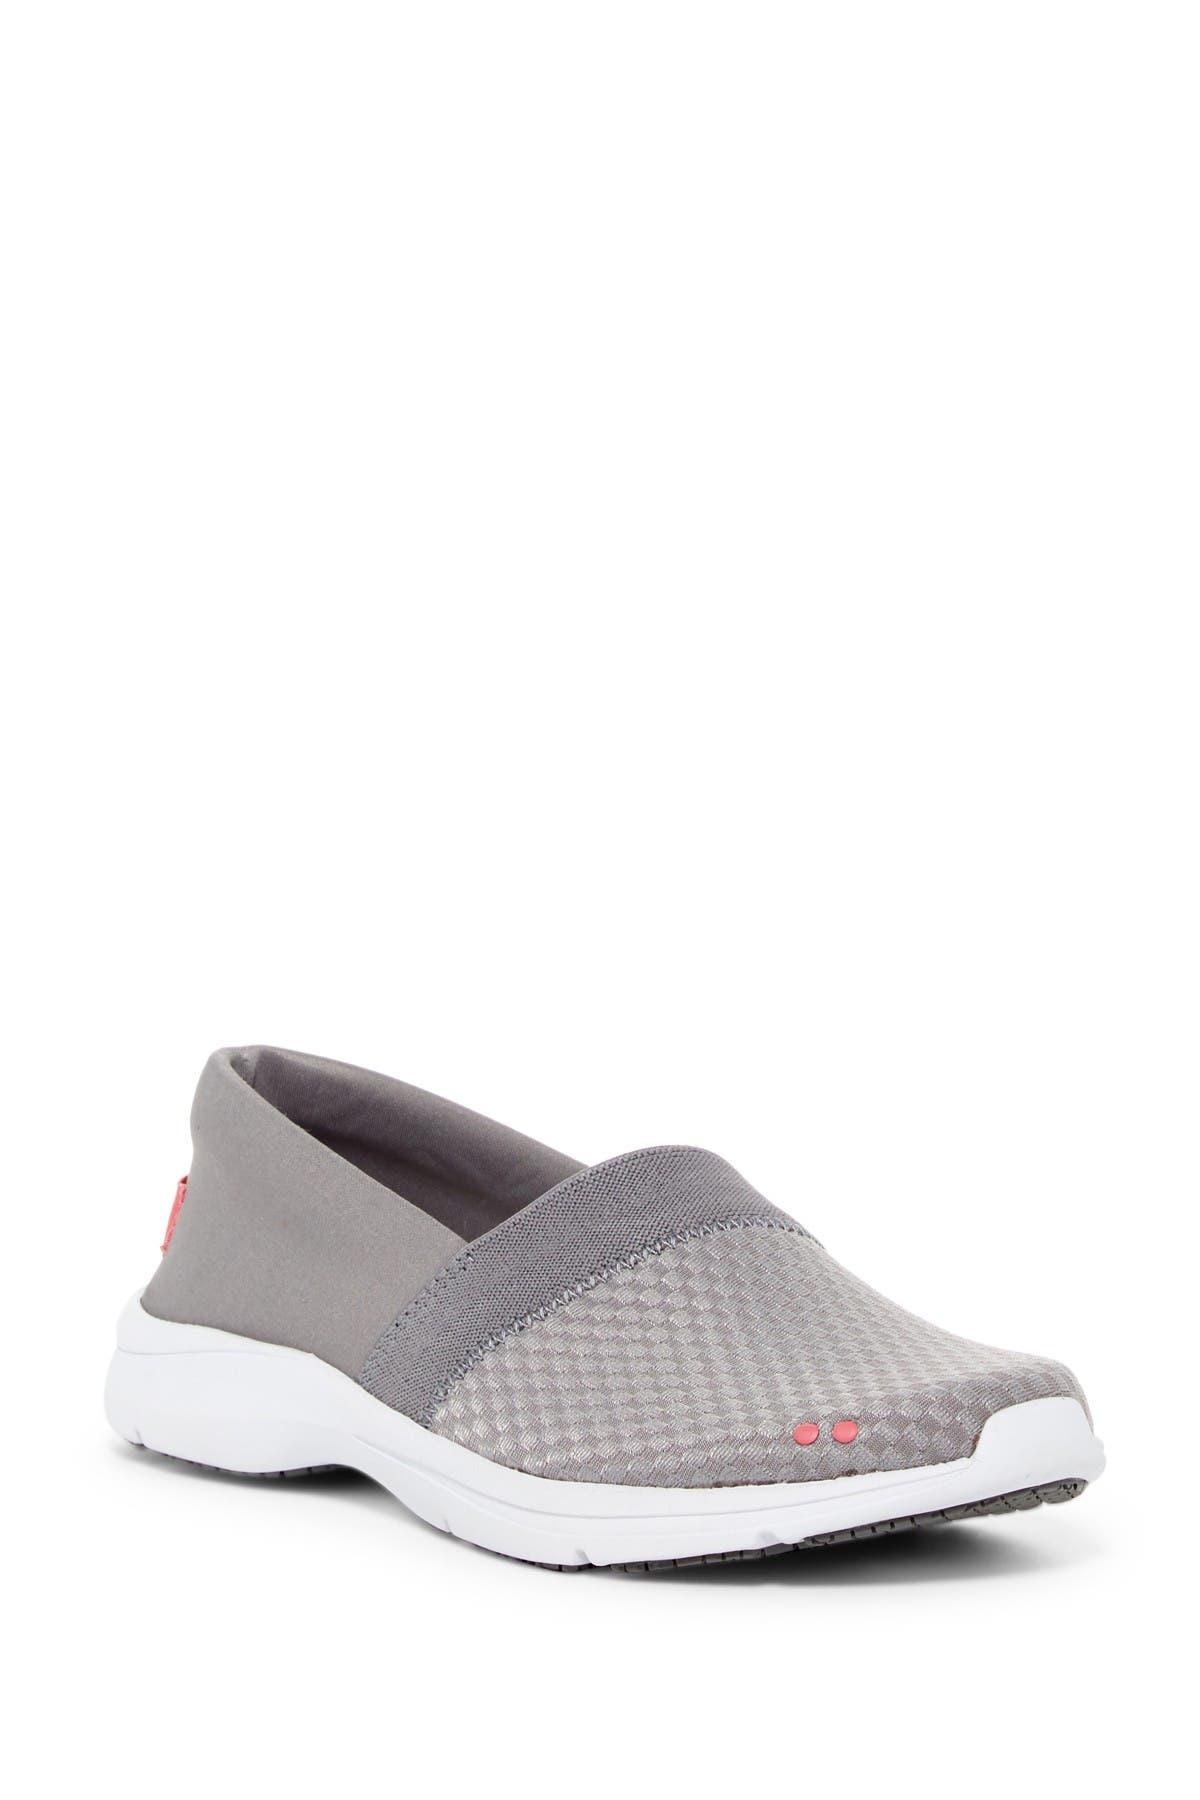 Image of Ryka Seashore Slip-Resistant Slip-On Sneaker - Wide Width Available